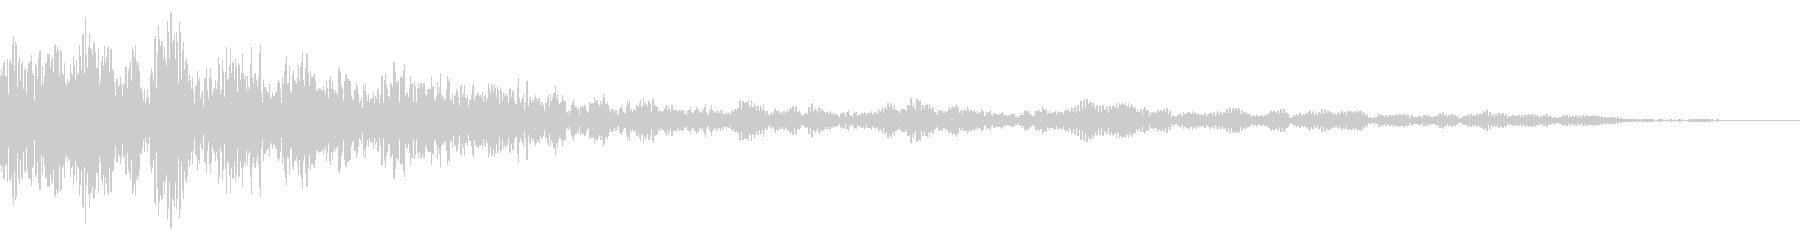 ホラー系アタック音27の未再生の波形